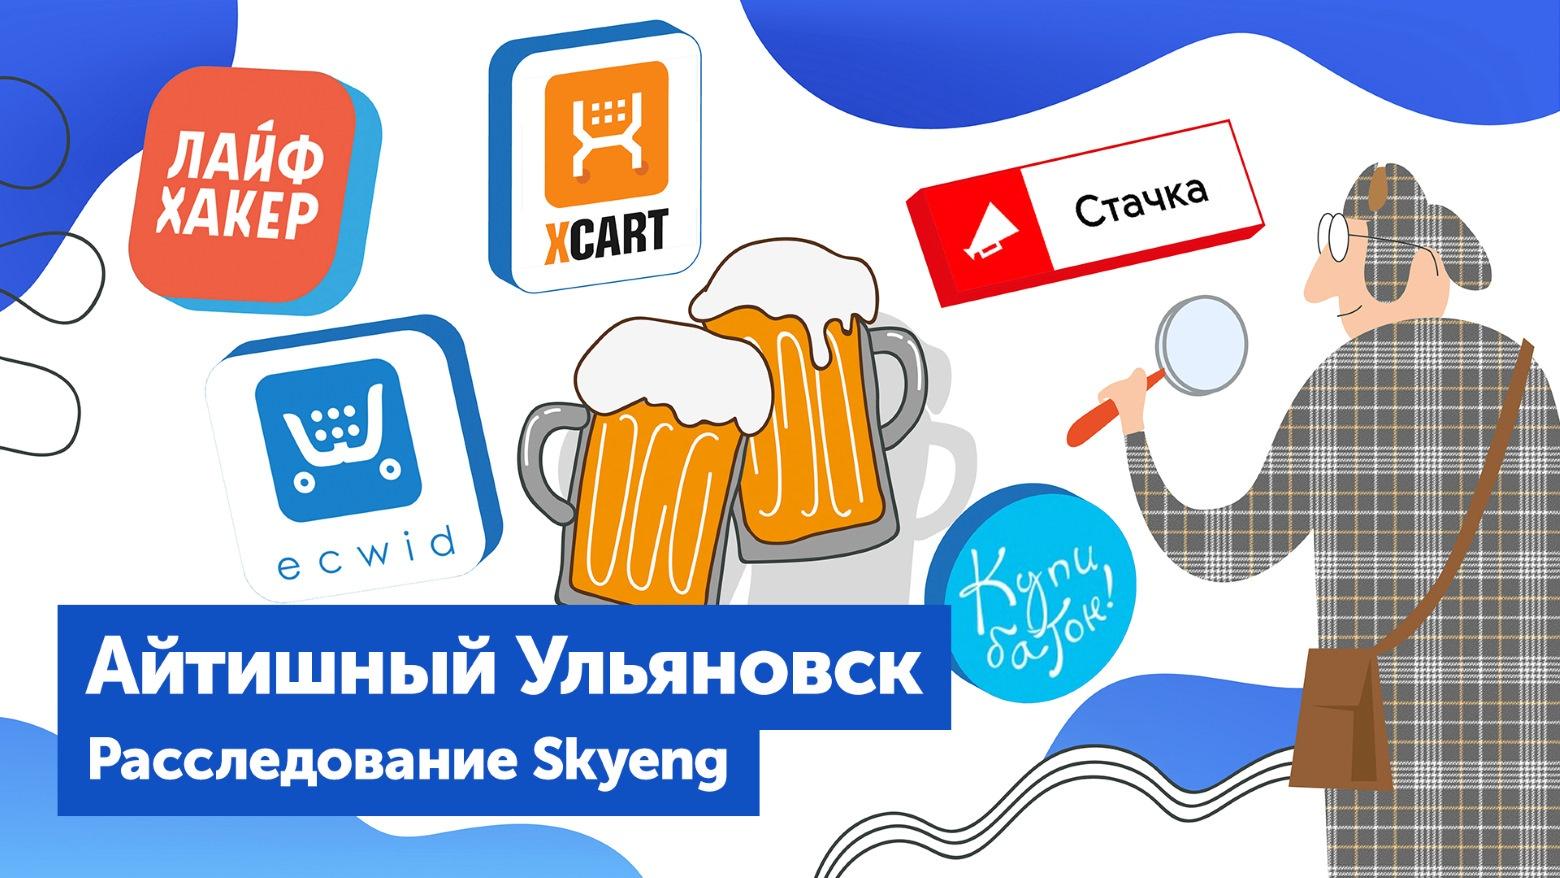 Как живут и работают в Ульяновске - 1